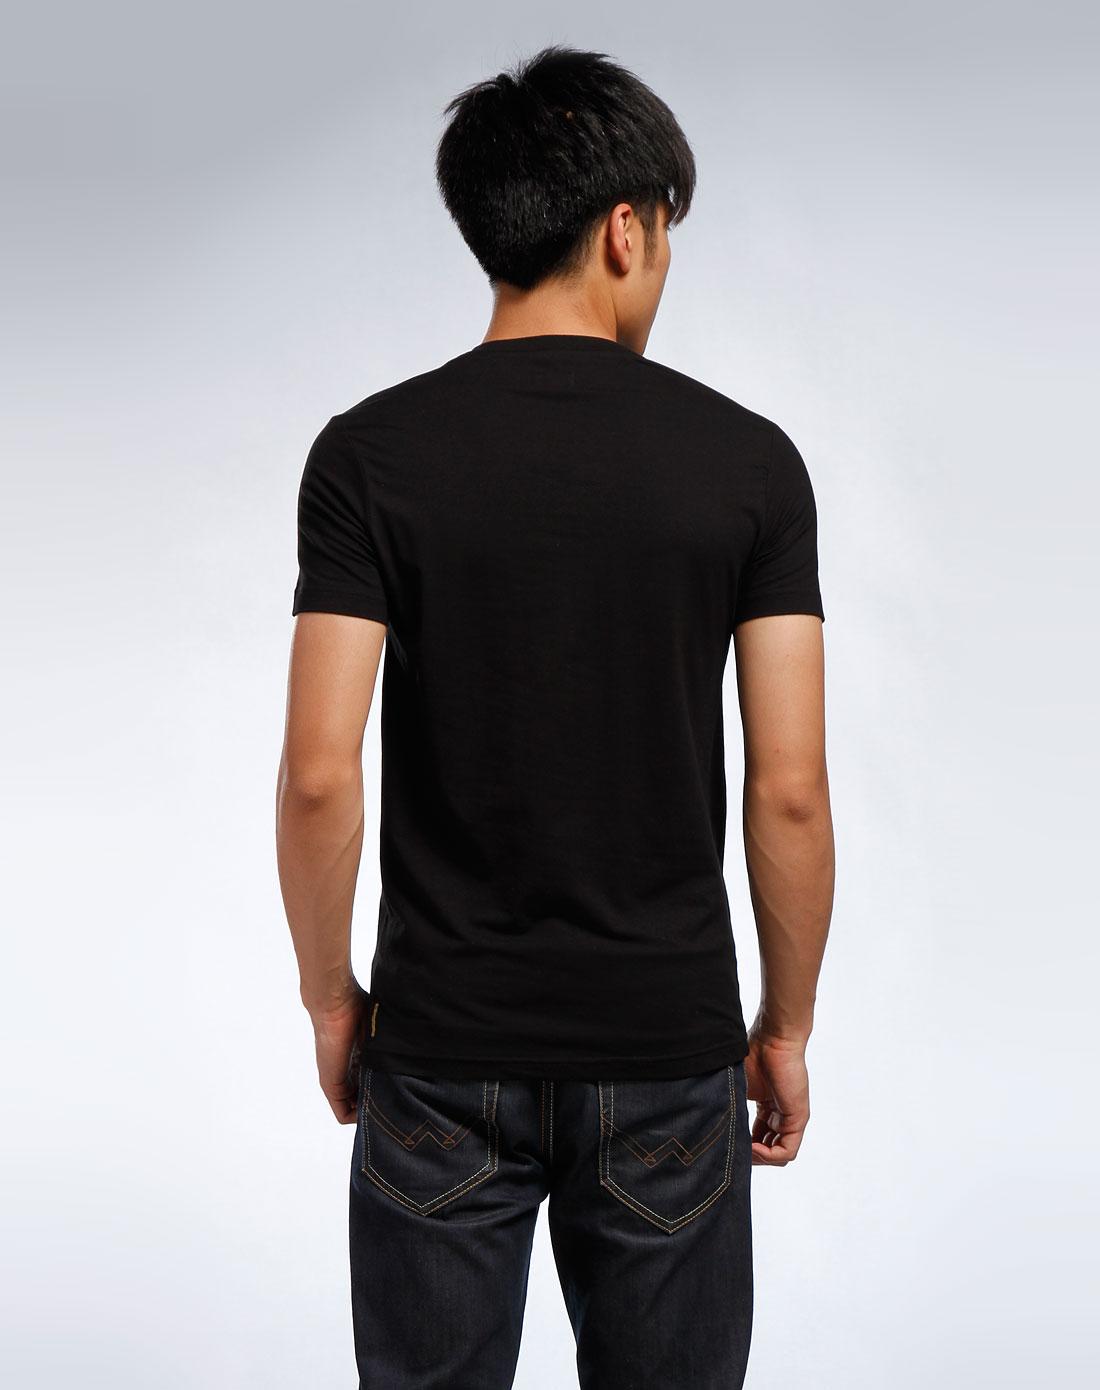 aj 男款黑色v领短袖t恤